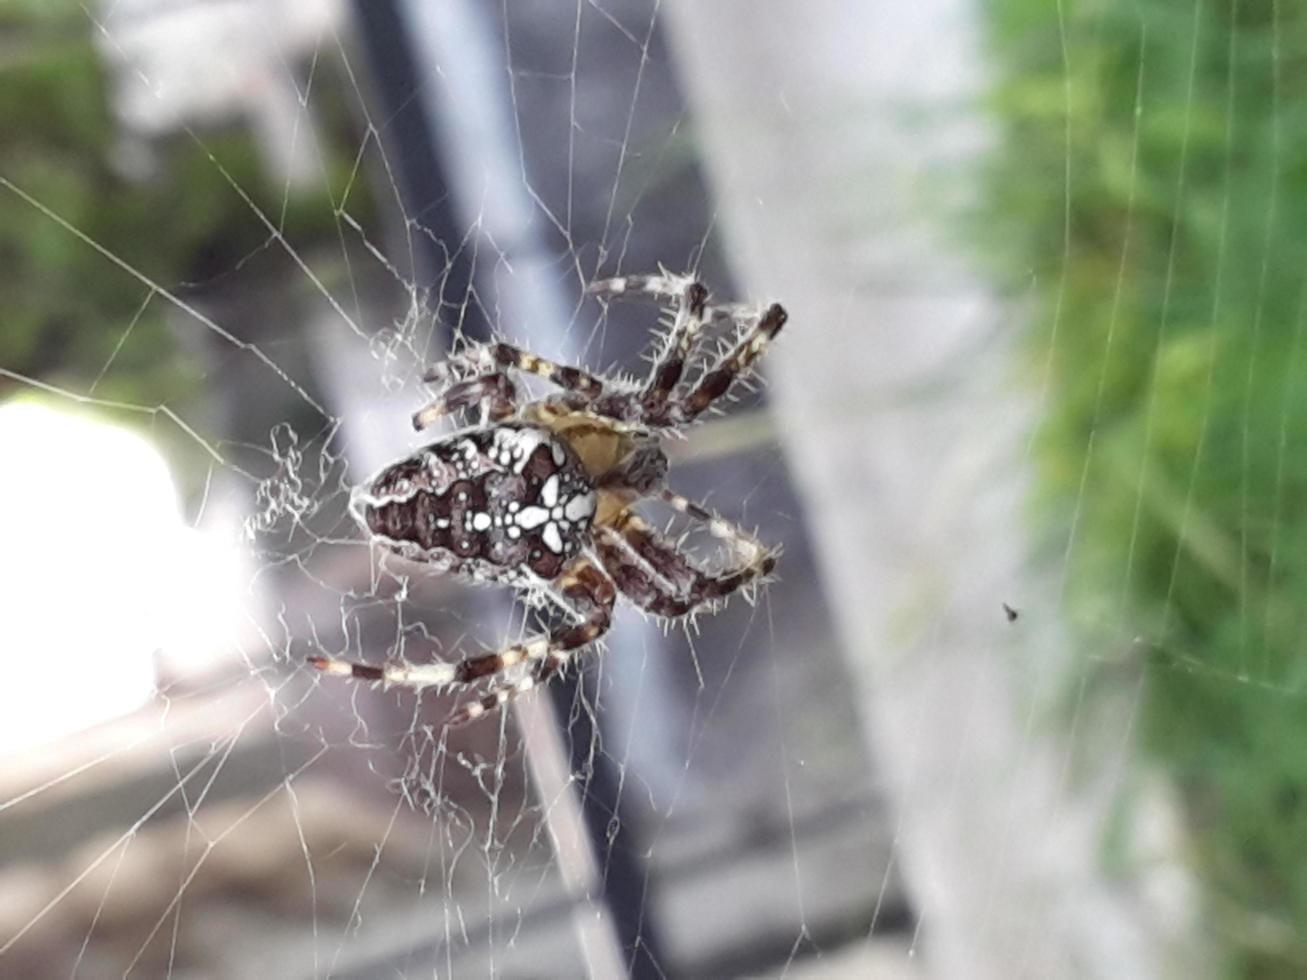 un ragno che aspetta la sua preda nella sua tela foto